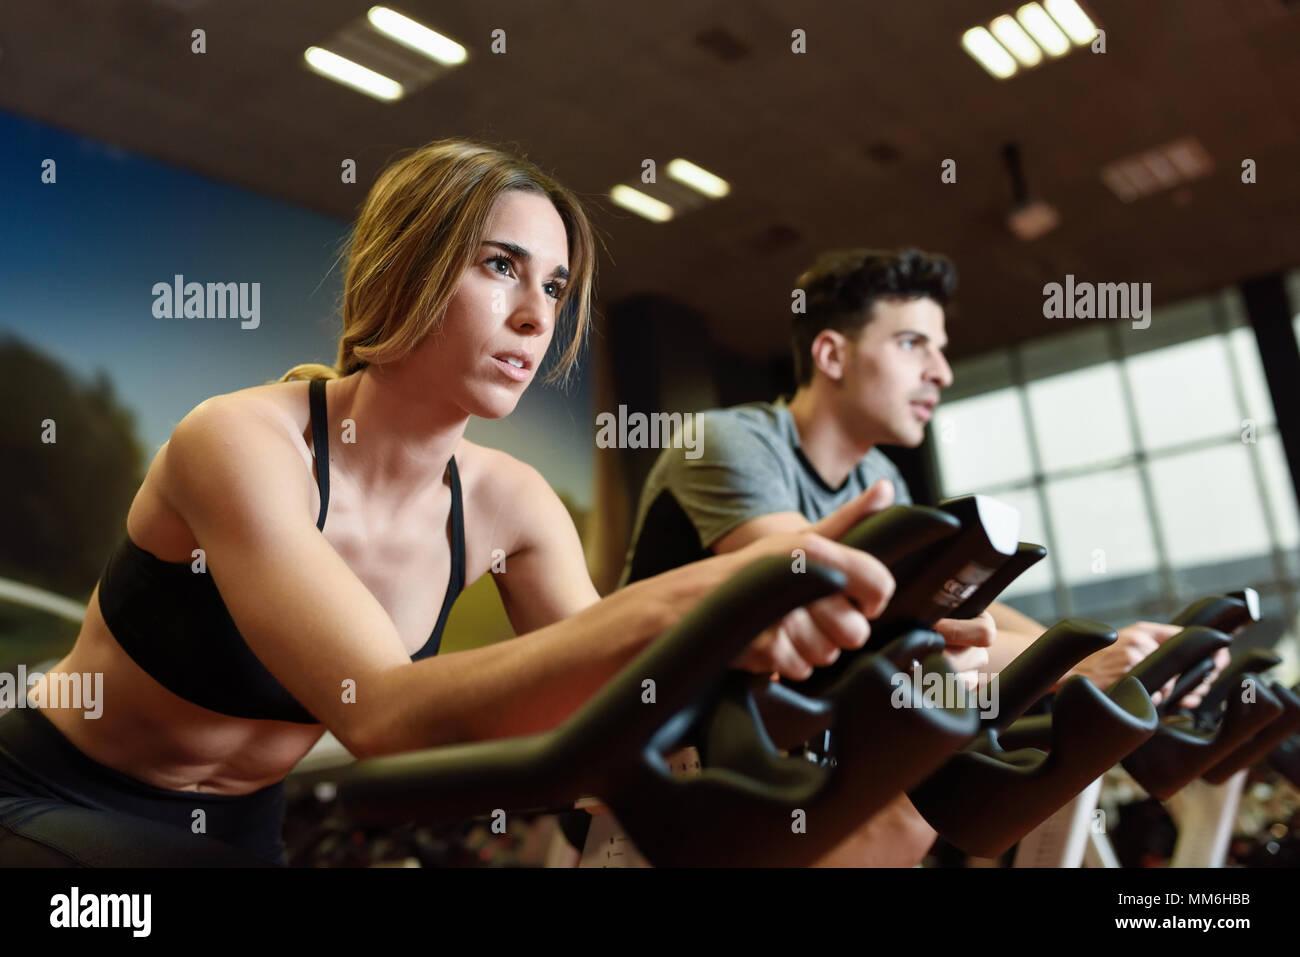 Jolie femme et l'homme autour de la salle de sport, l'exercice de jambes faisant cardio vélo vélos. Dans un couple de spinning portant des vêtements de sport. Photo Stock